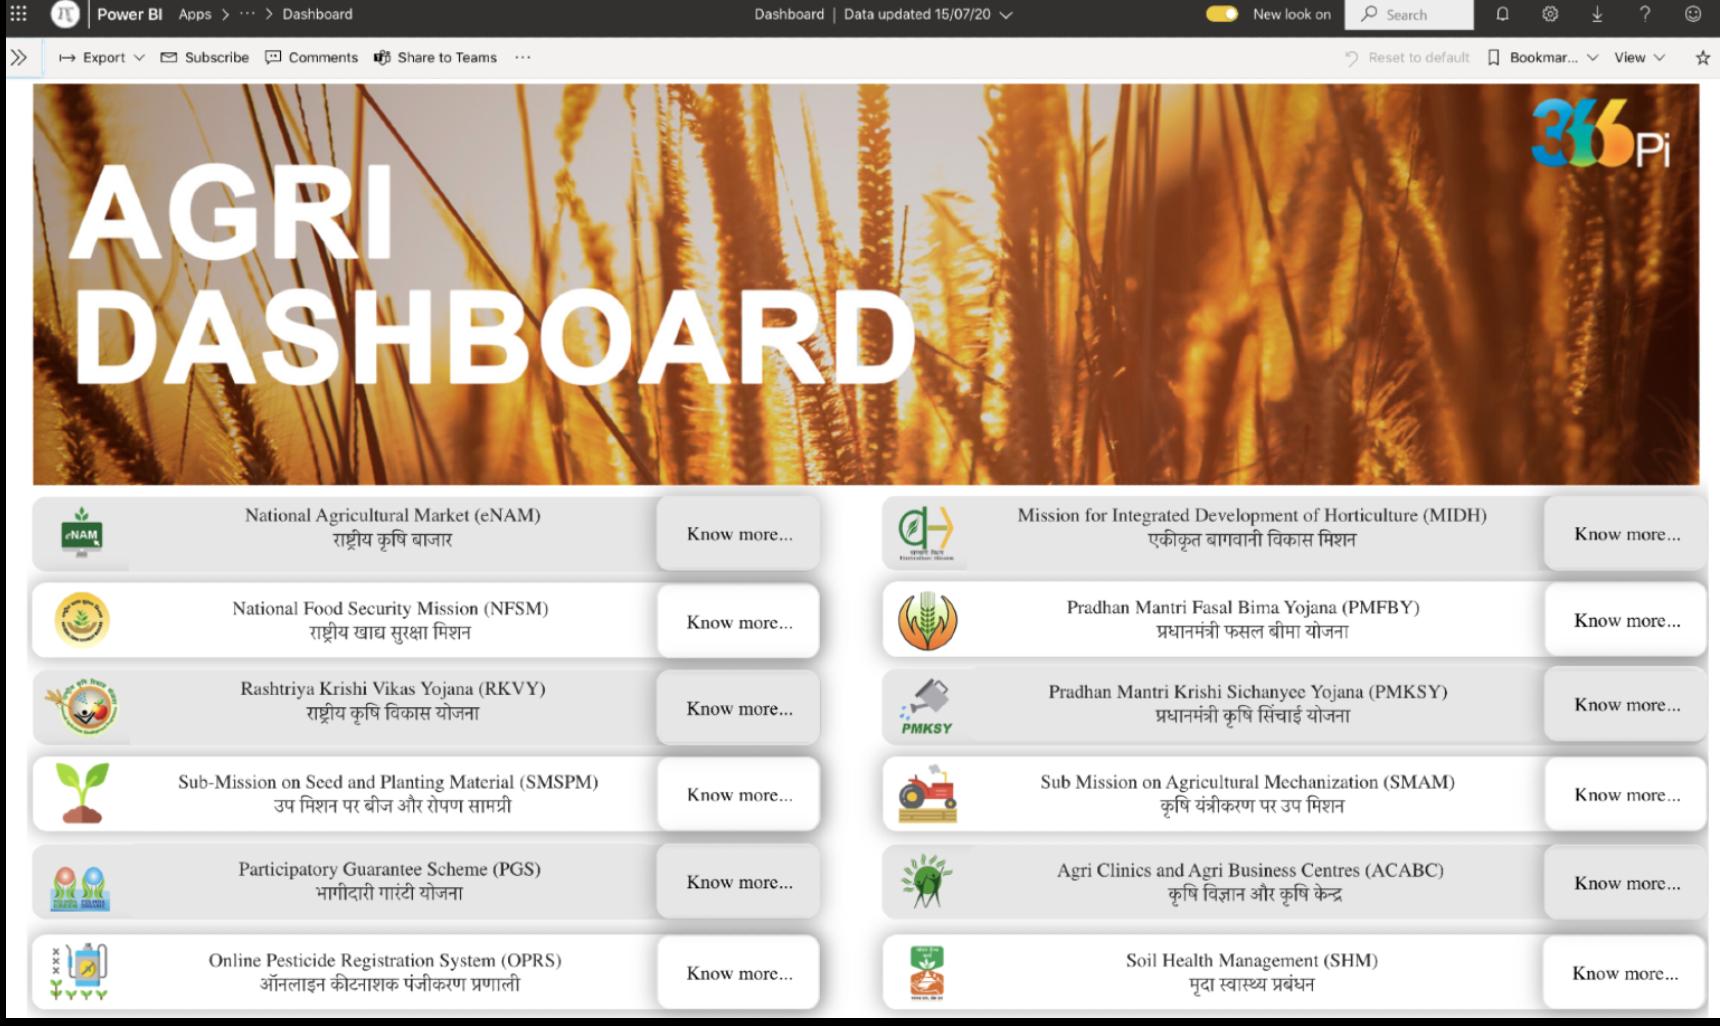 Agri Dashboard data driven analysis